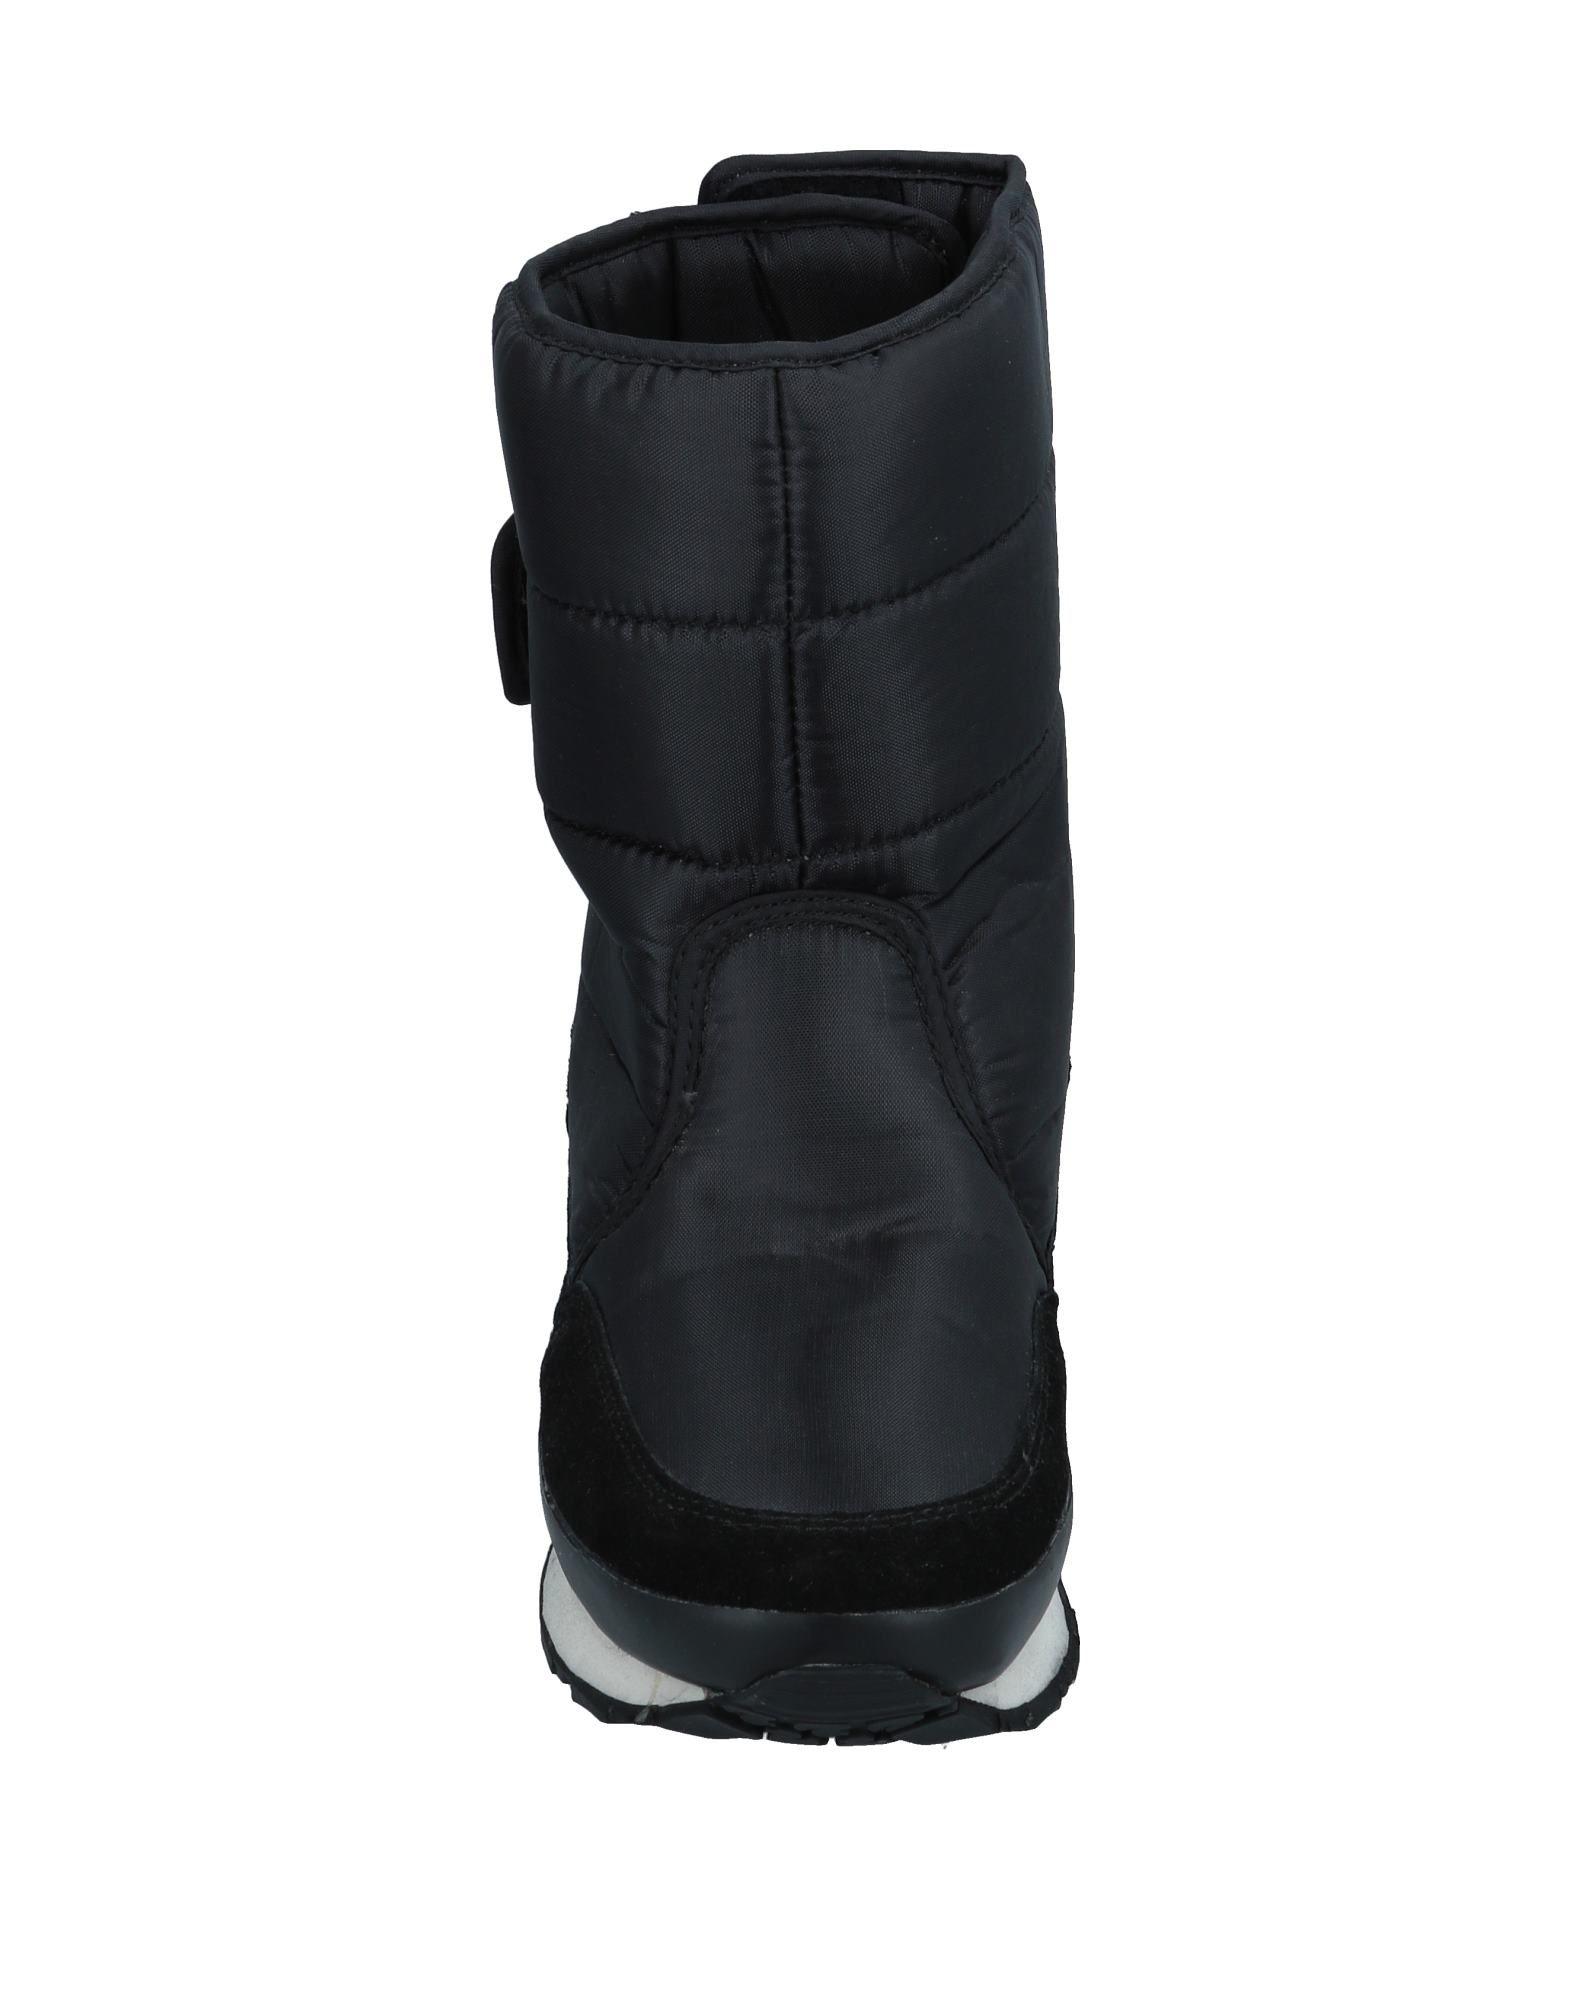 Rubber Duck Stiefelette Qualität Damen  11547019KX Gute Qualität Stiefelette beliebte Schuhe dadb12